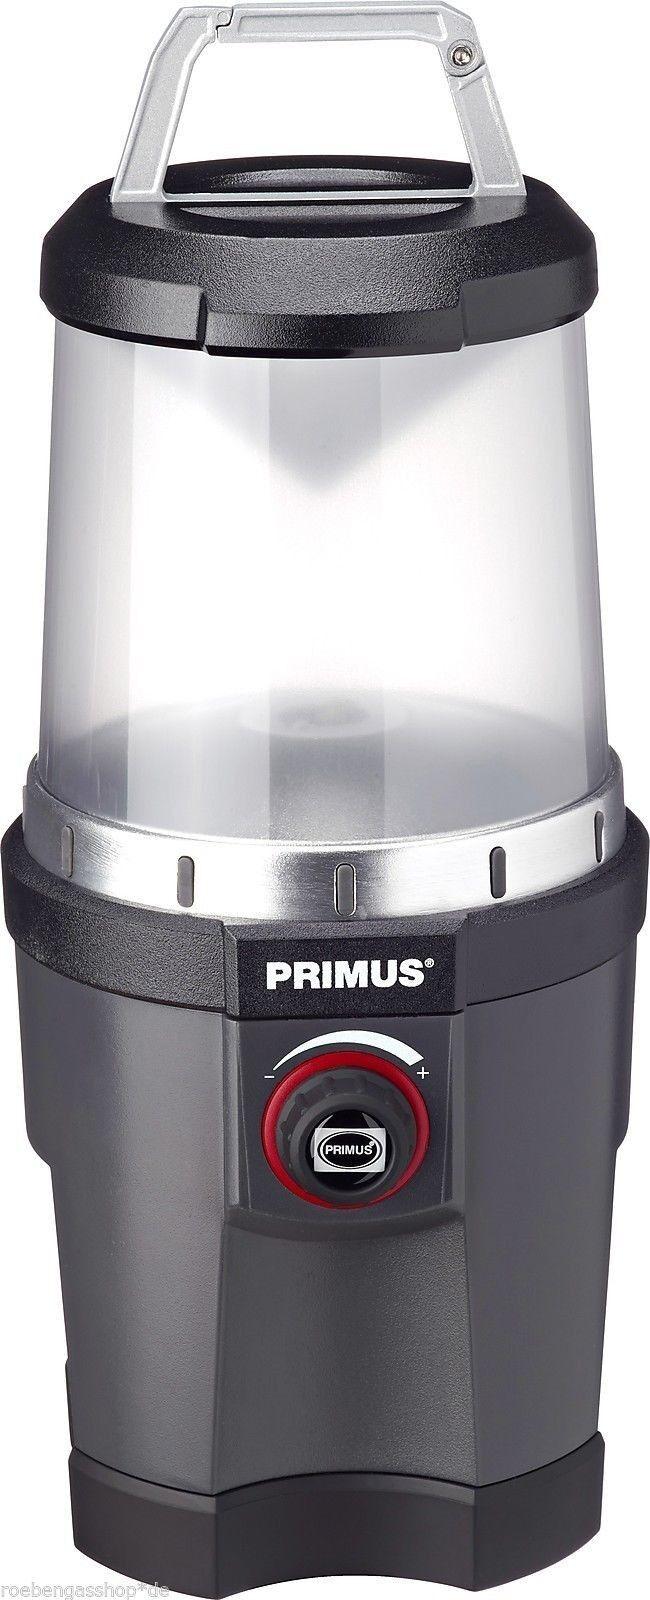 PRIMUS PRIMUS PRIMUS POLARIS POWER LED LANTERN Z-POWER P4  LED LATERNE 8cad33